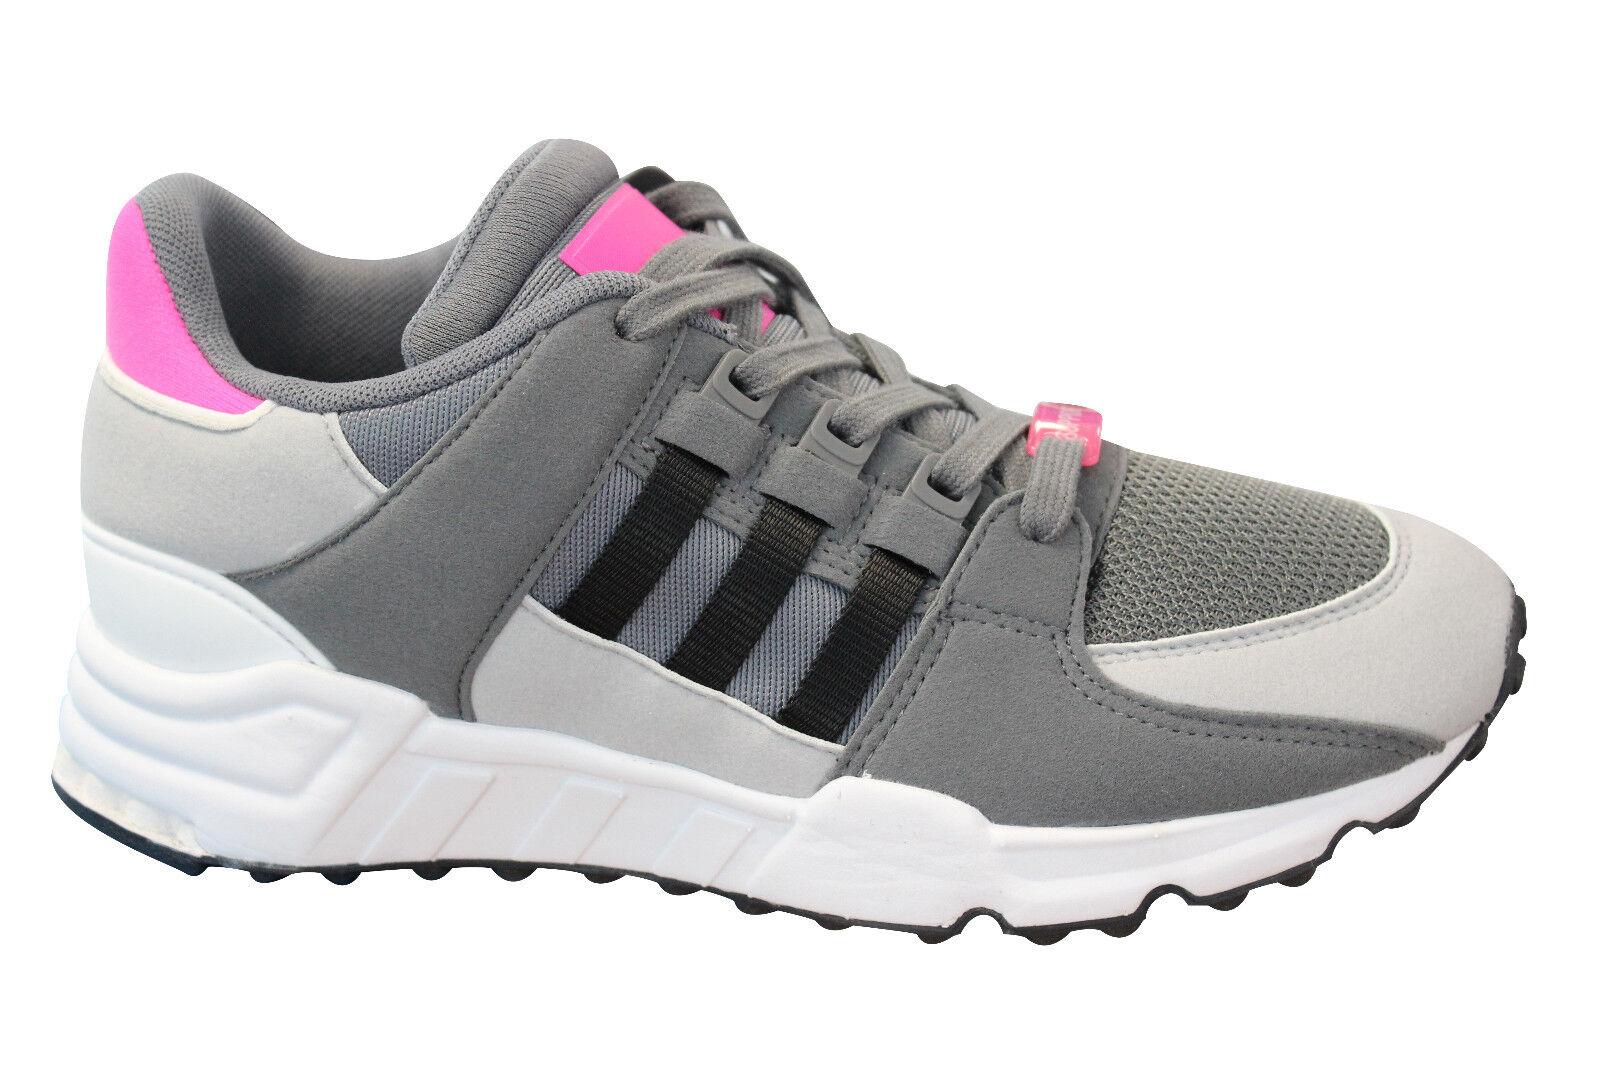 Adidas Eqt Support Ultra Schnürer Damen Laufschuhe Turnschuhe Schuhe Bz0262 D91